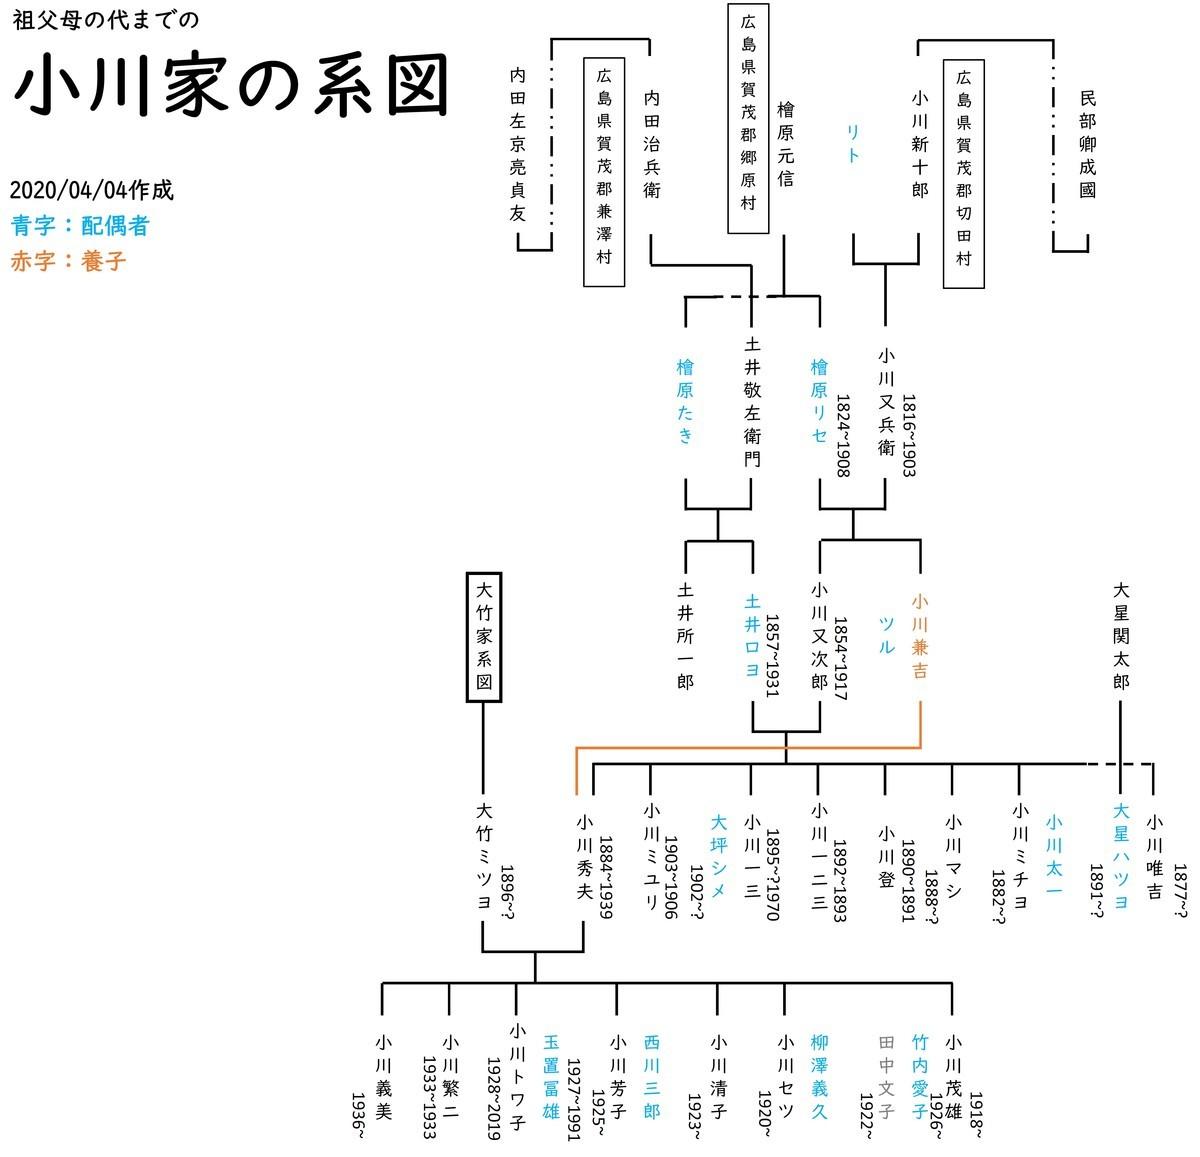 f:id:kensuke1108:20200522231214j:plain